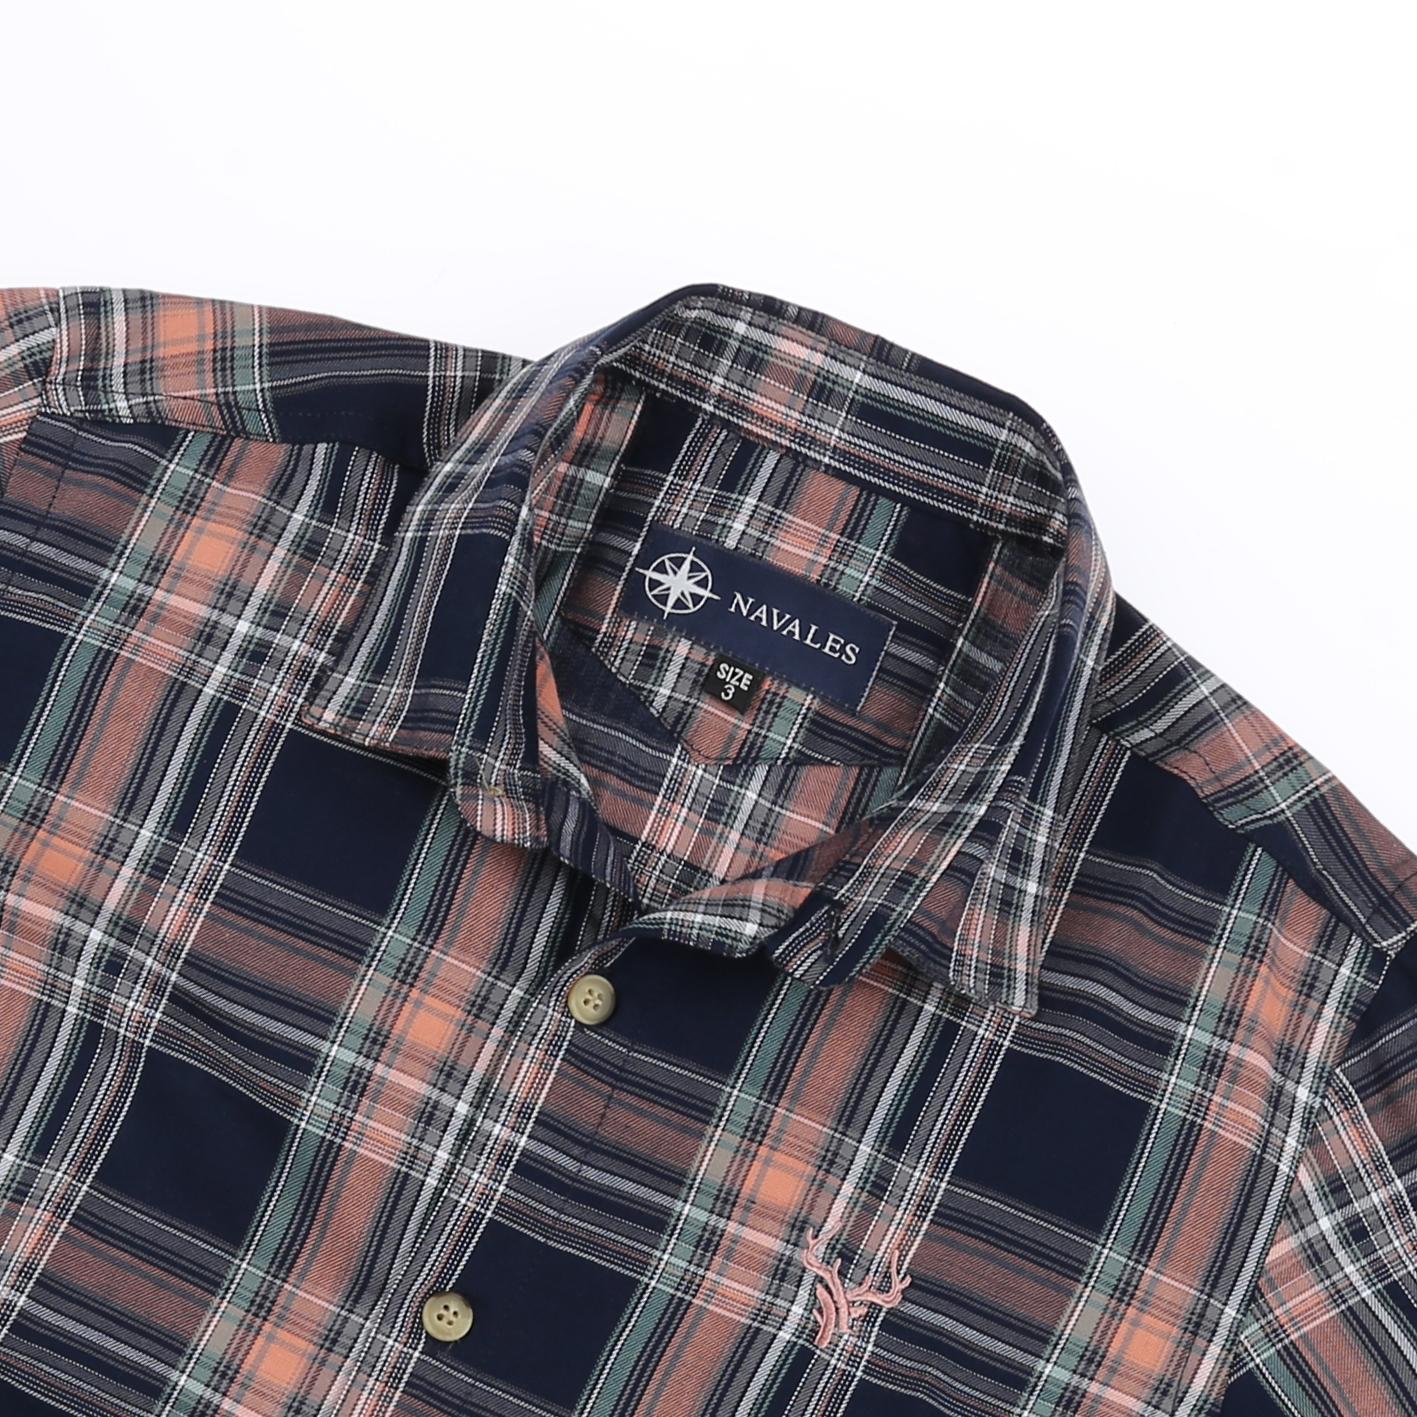 پیراهن پسرانه ناوالس کد G-20119-NV main 1 4